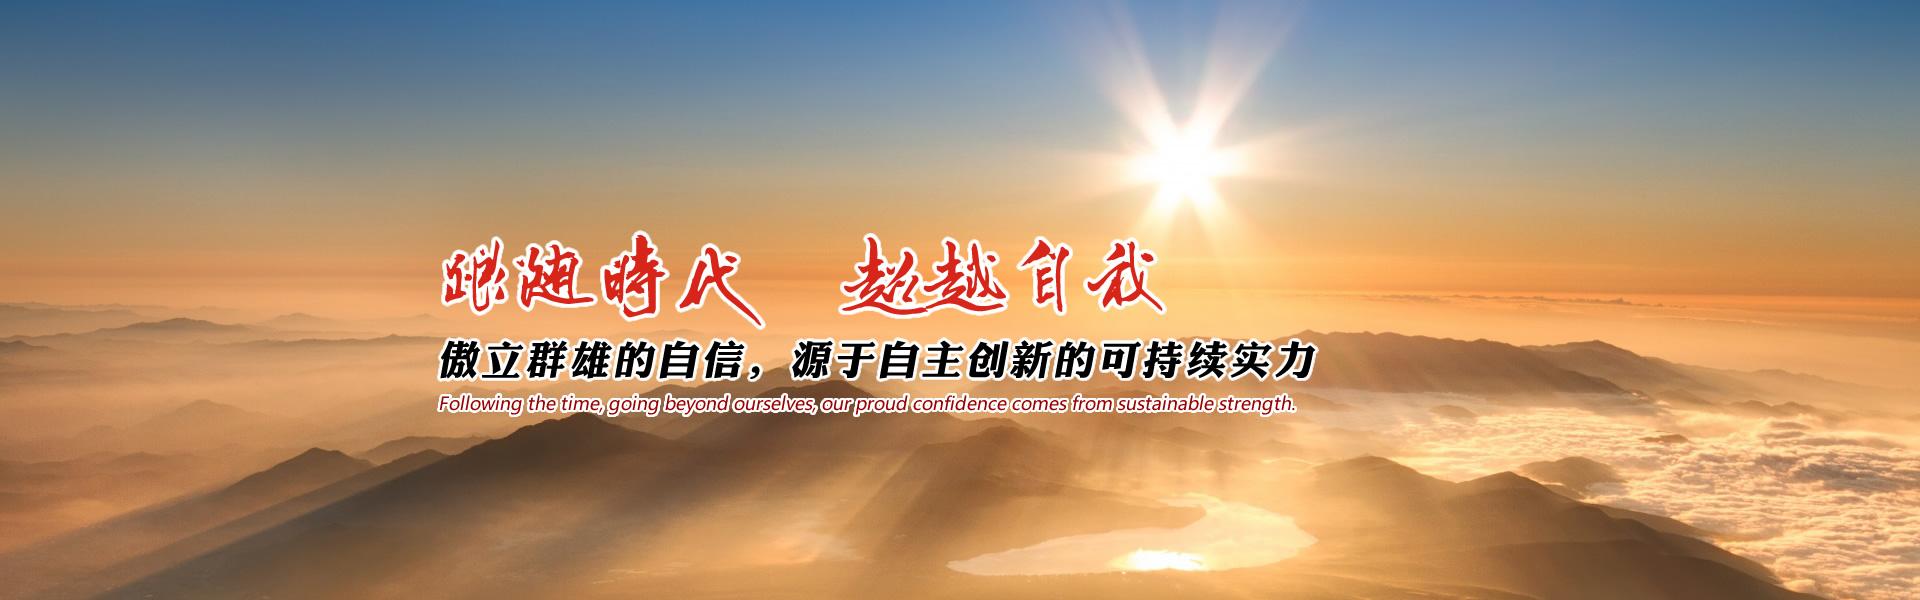 長沙鼓風機廠有限責任公(gong)司